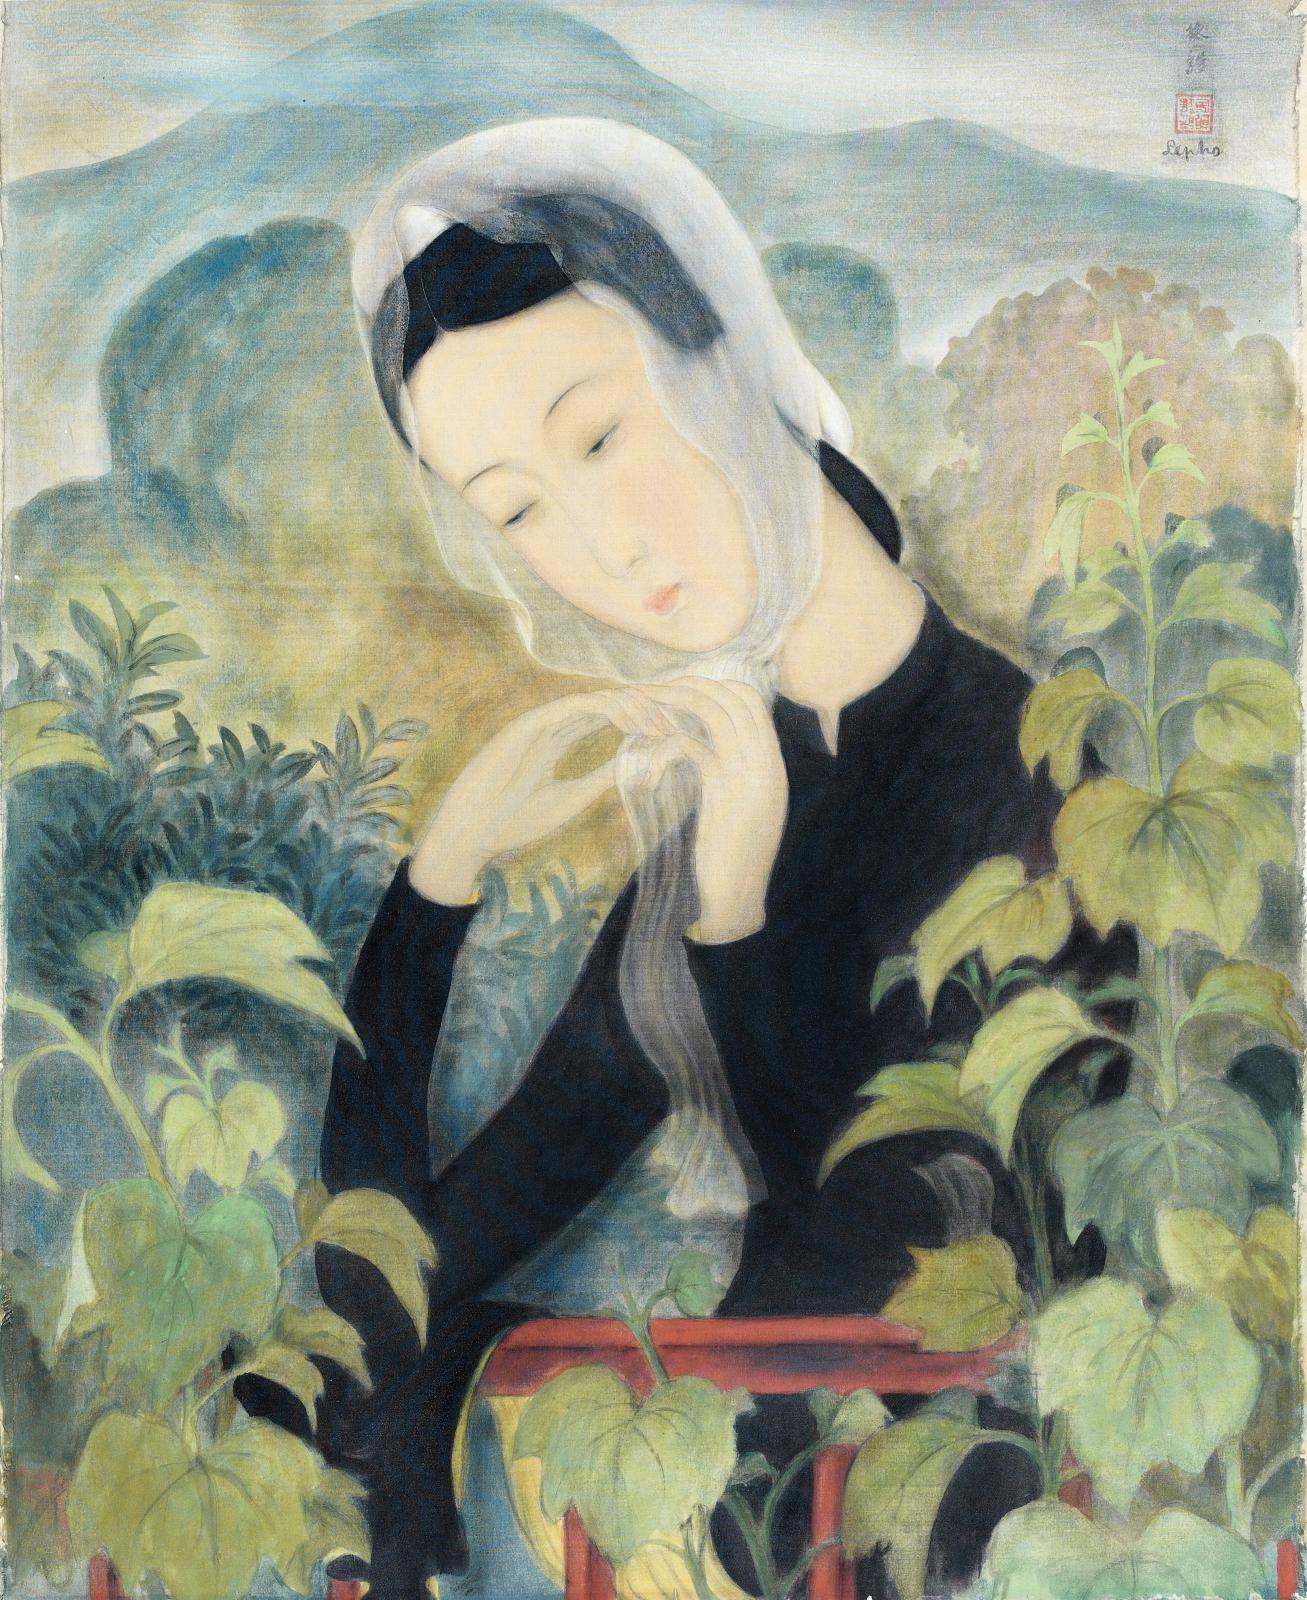 Jeune Femme attachant son foulard, vers 1938, gouache et encre sur soie, 68x50cm.Paris, Drouot, 8 décembre 2010. Thierry deMaigret. M.